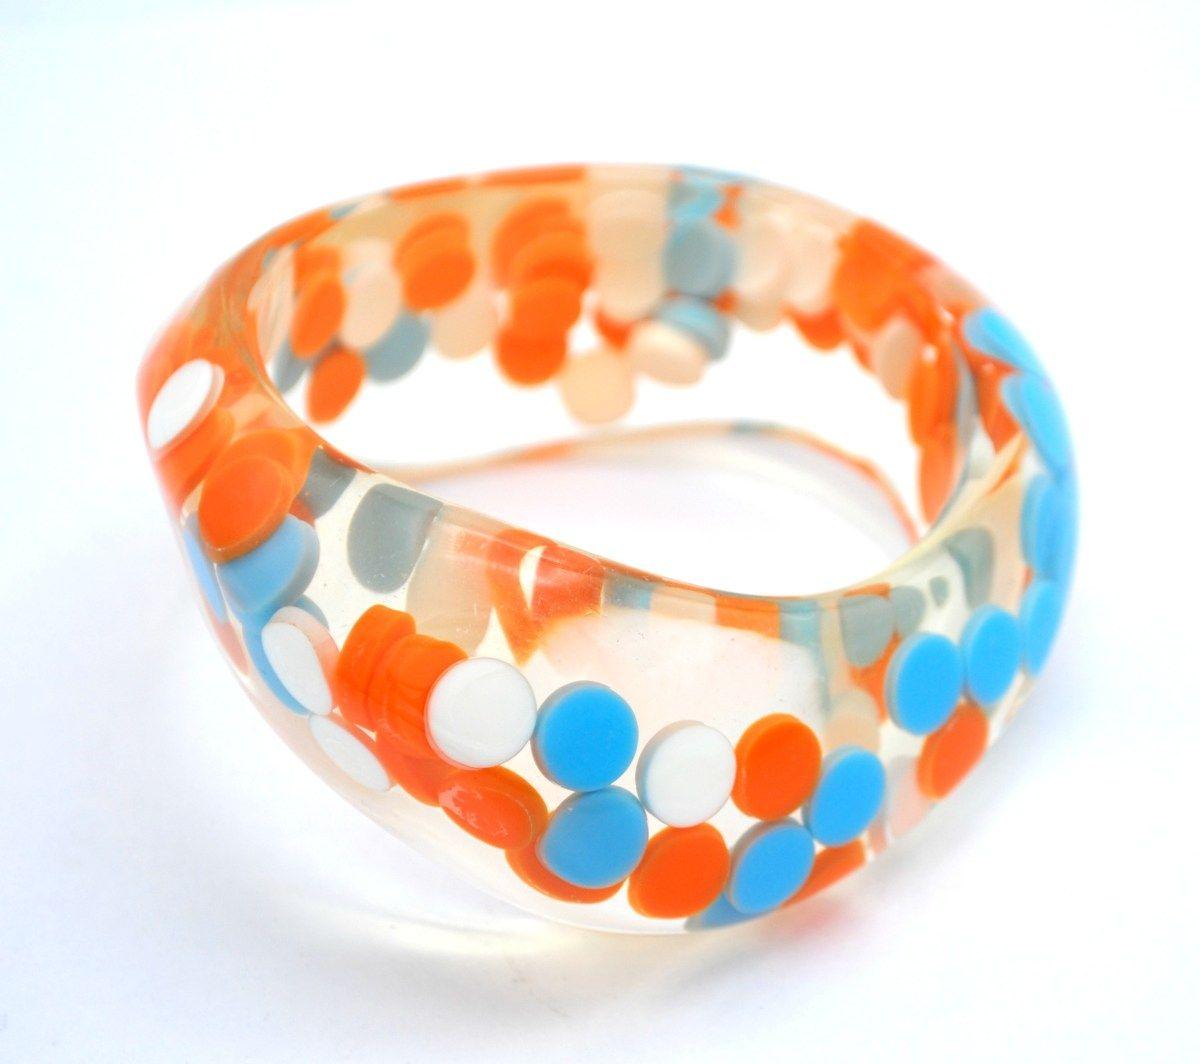 Orange Bangle Bracelet and Chunky Necklace